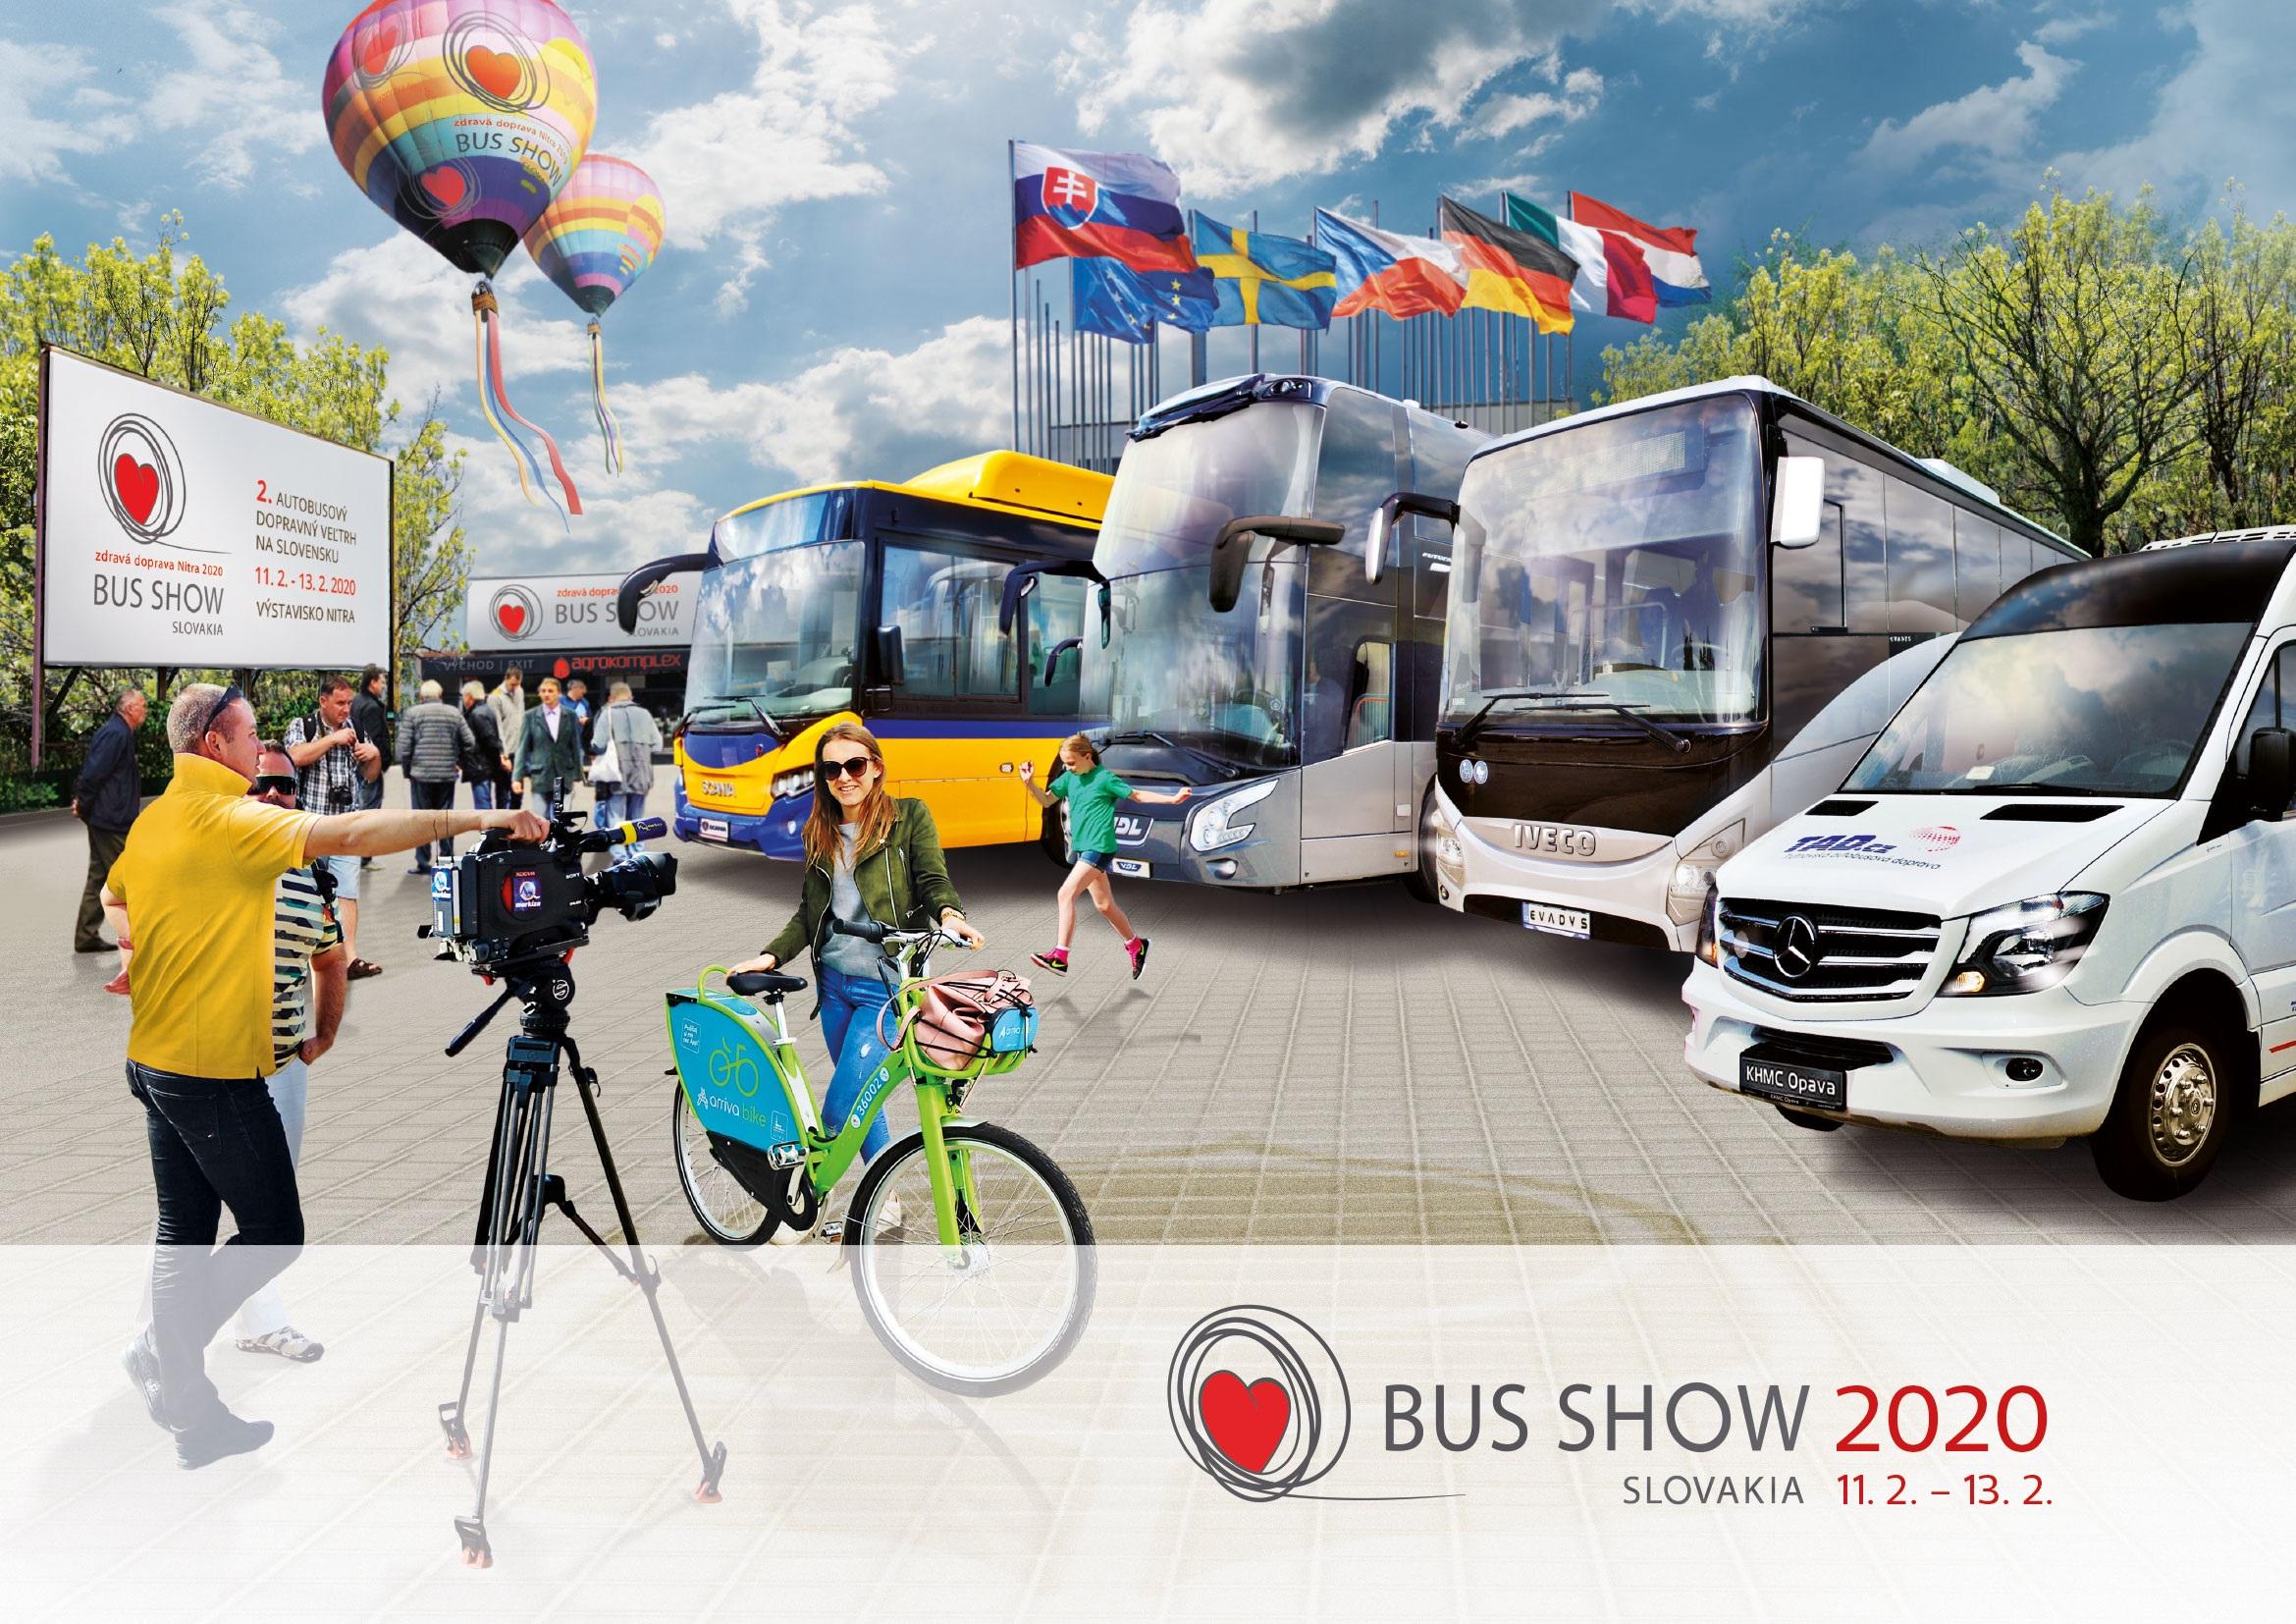 Zväz autobusovej dopravy je hlavným partnerom veľtrhu BUS SHOW zdravá doprava 2020